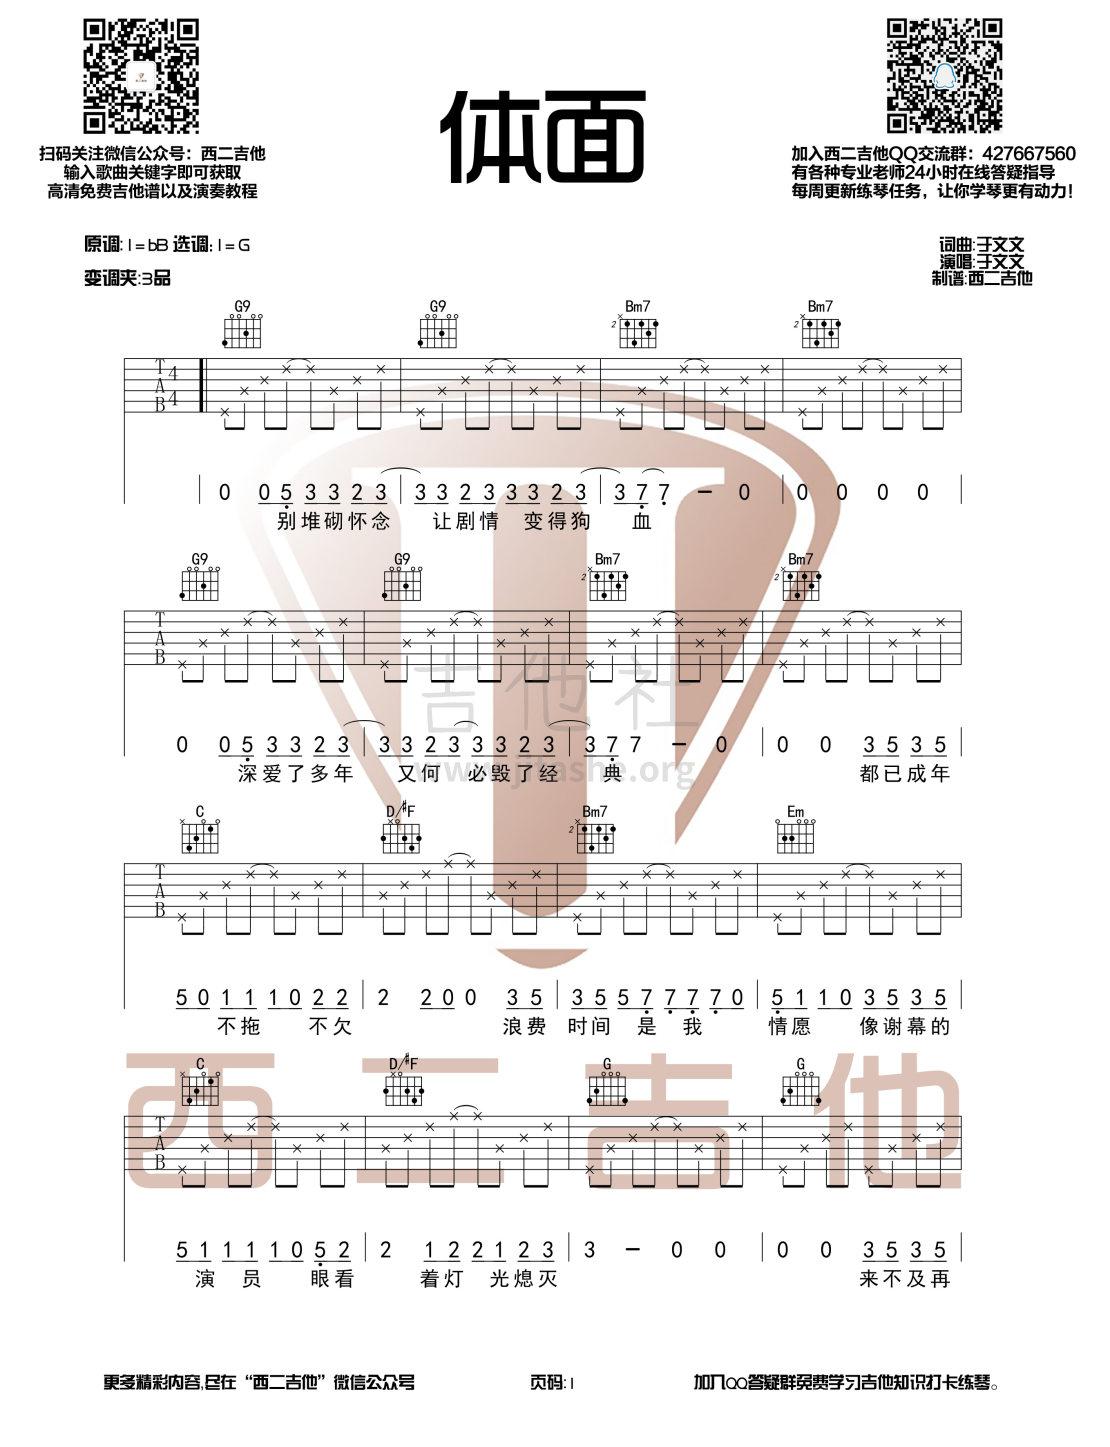 体面吉他谱(图片谱,西二吉他,弹唱,伴奏)_于文文